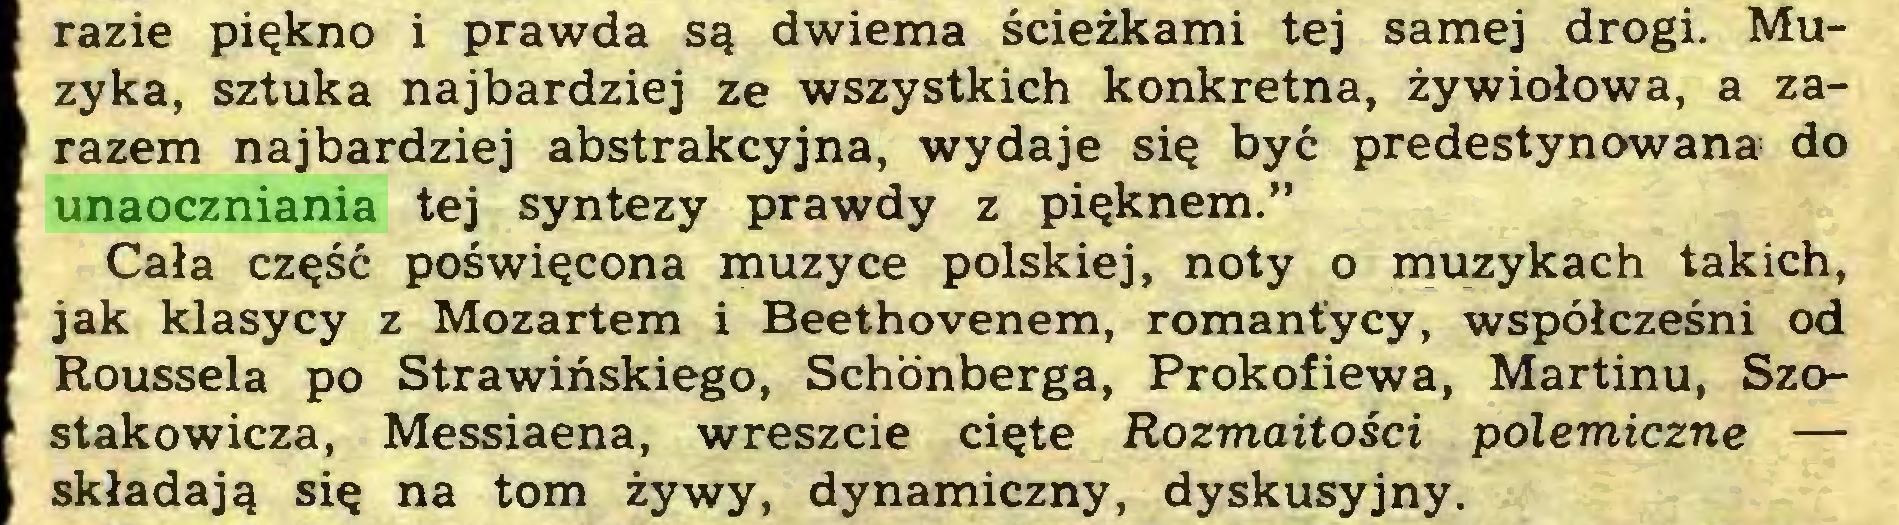 """(...) razie piękno i prawda są dwiema ścieżkami tej samej drogi. Muzyka, sztuka najbardziej ze wszystkich konkretna, żywiołowa, a zarazem najbardziej abstrakcyjna, wydaje się być predestynowana do unaoczniania tej syntezy prawdy z pięknem."""" Cała część poświęcona muzyce polskiej, noty o muzykach takich, jak klasycy z Mozartem i Beethovenem, romantycy, współcześni od Roussela po Strawińskiego, Schonberga, Prokofiewa, Martinu, Szostakowicza, Messiaena, wreszcie cięte Rozmaitości polemiczne — składają się na tom żywy, dynamiczny, dyskusyjny..."""